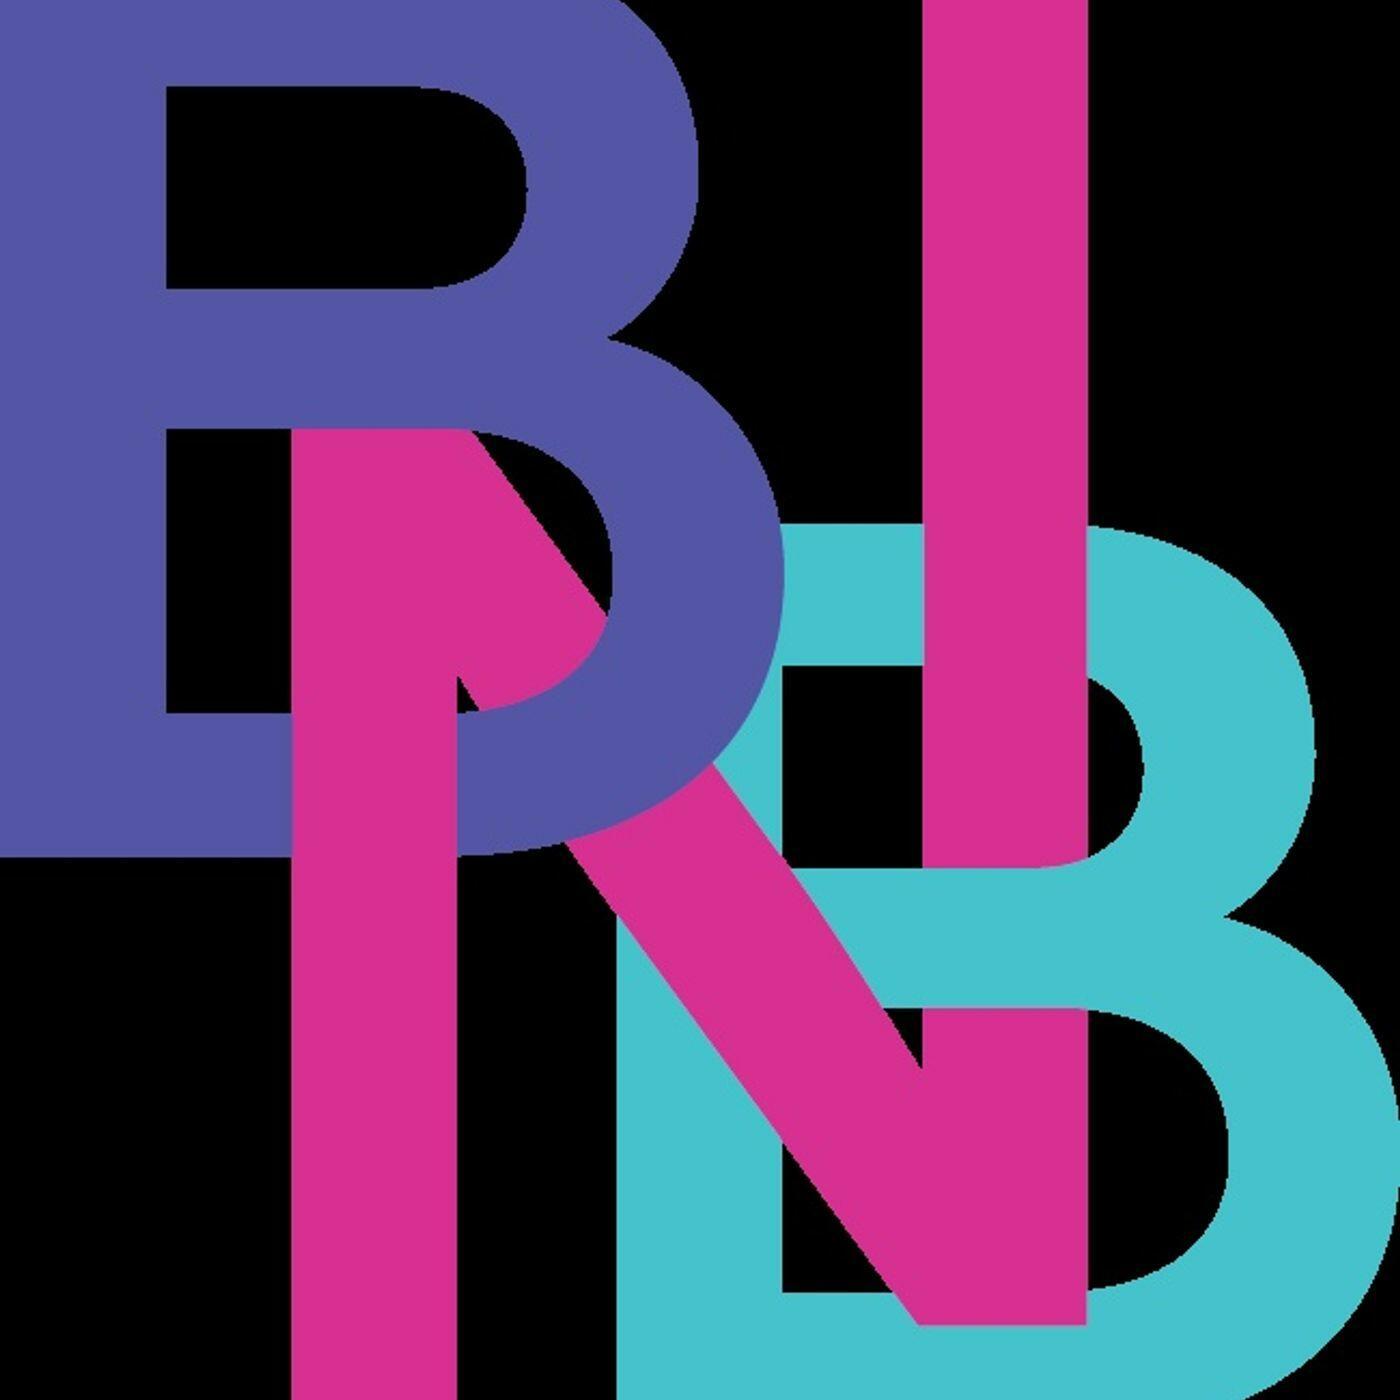 Besties Building Brands